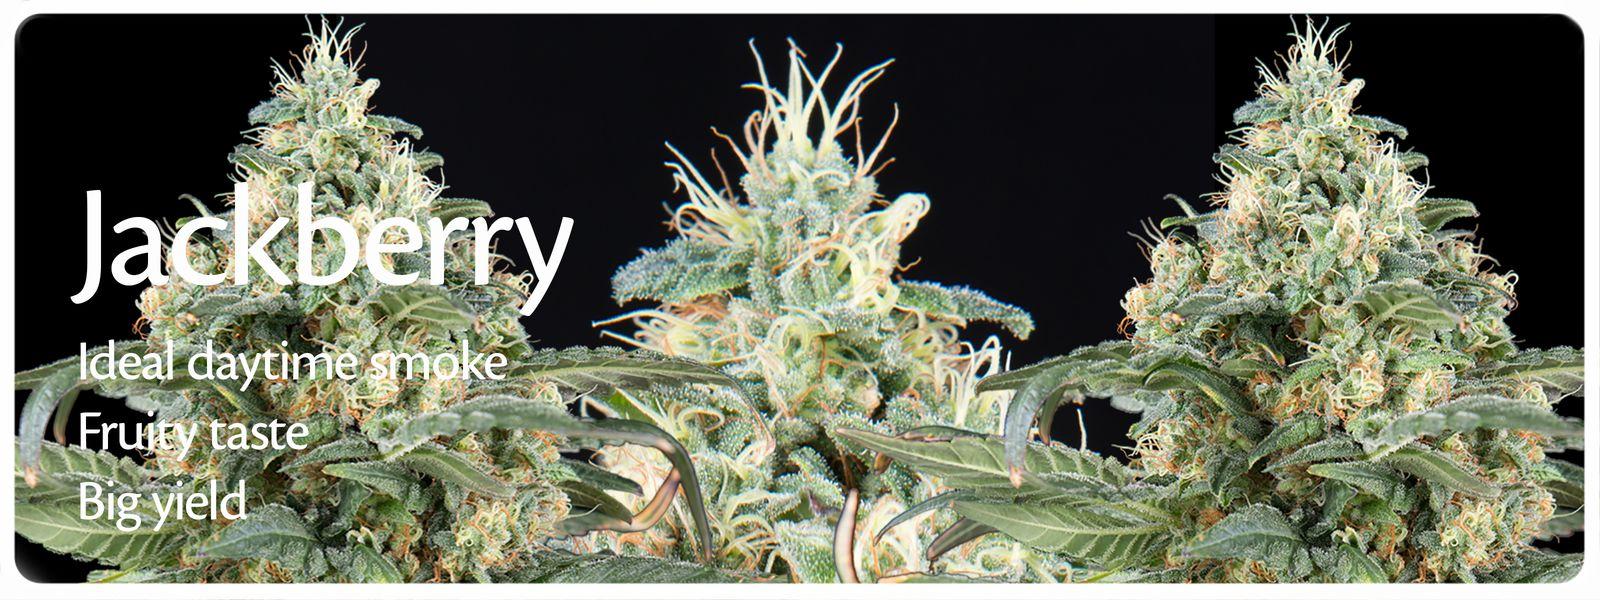 Jackberry cannabis zaden voor de kweker welke op zoek is naar kort bloeiende planten met gekleurde toppen en perfect overdag rokertje